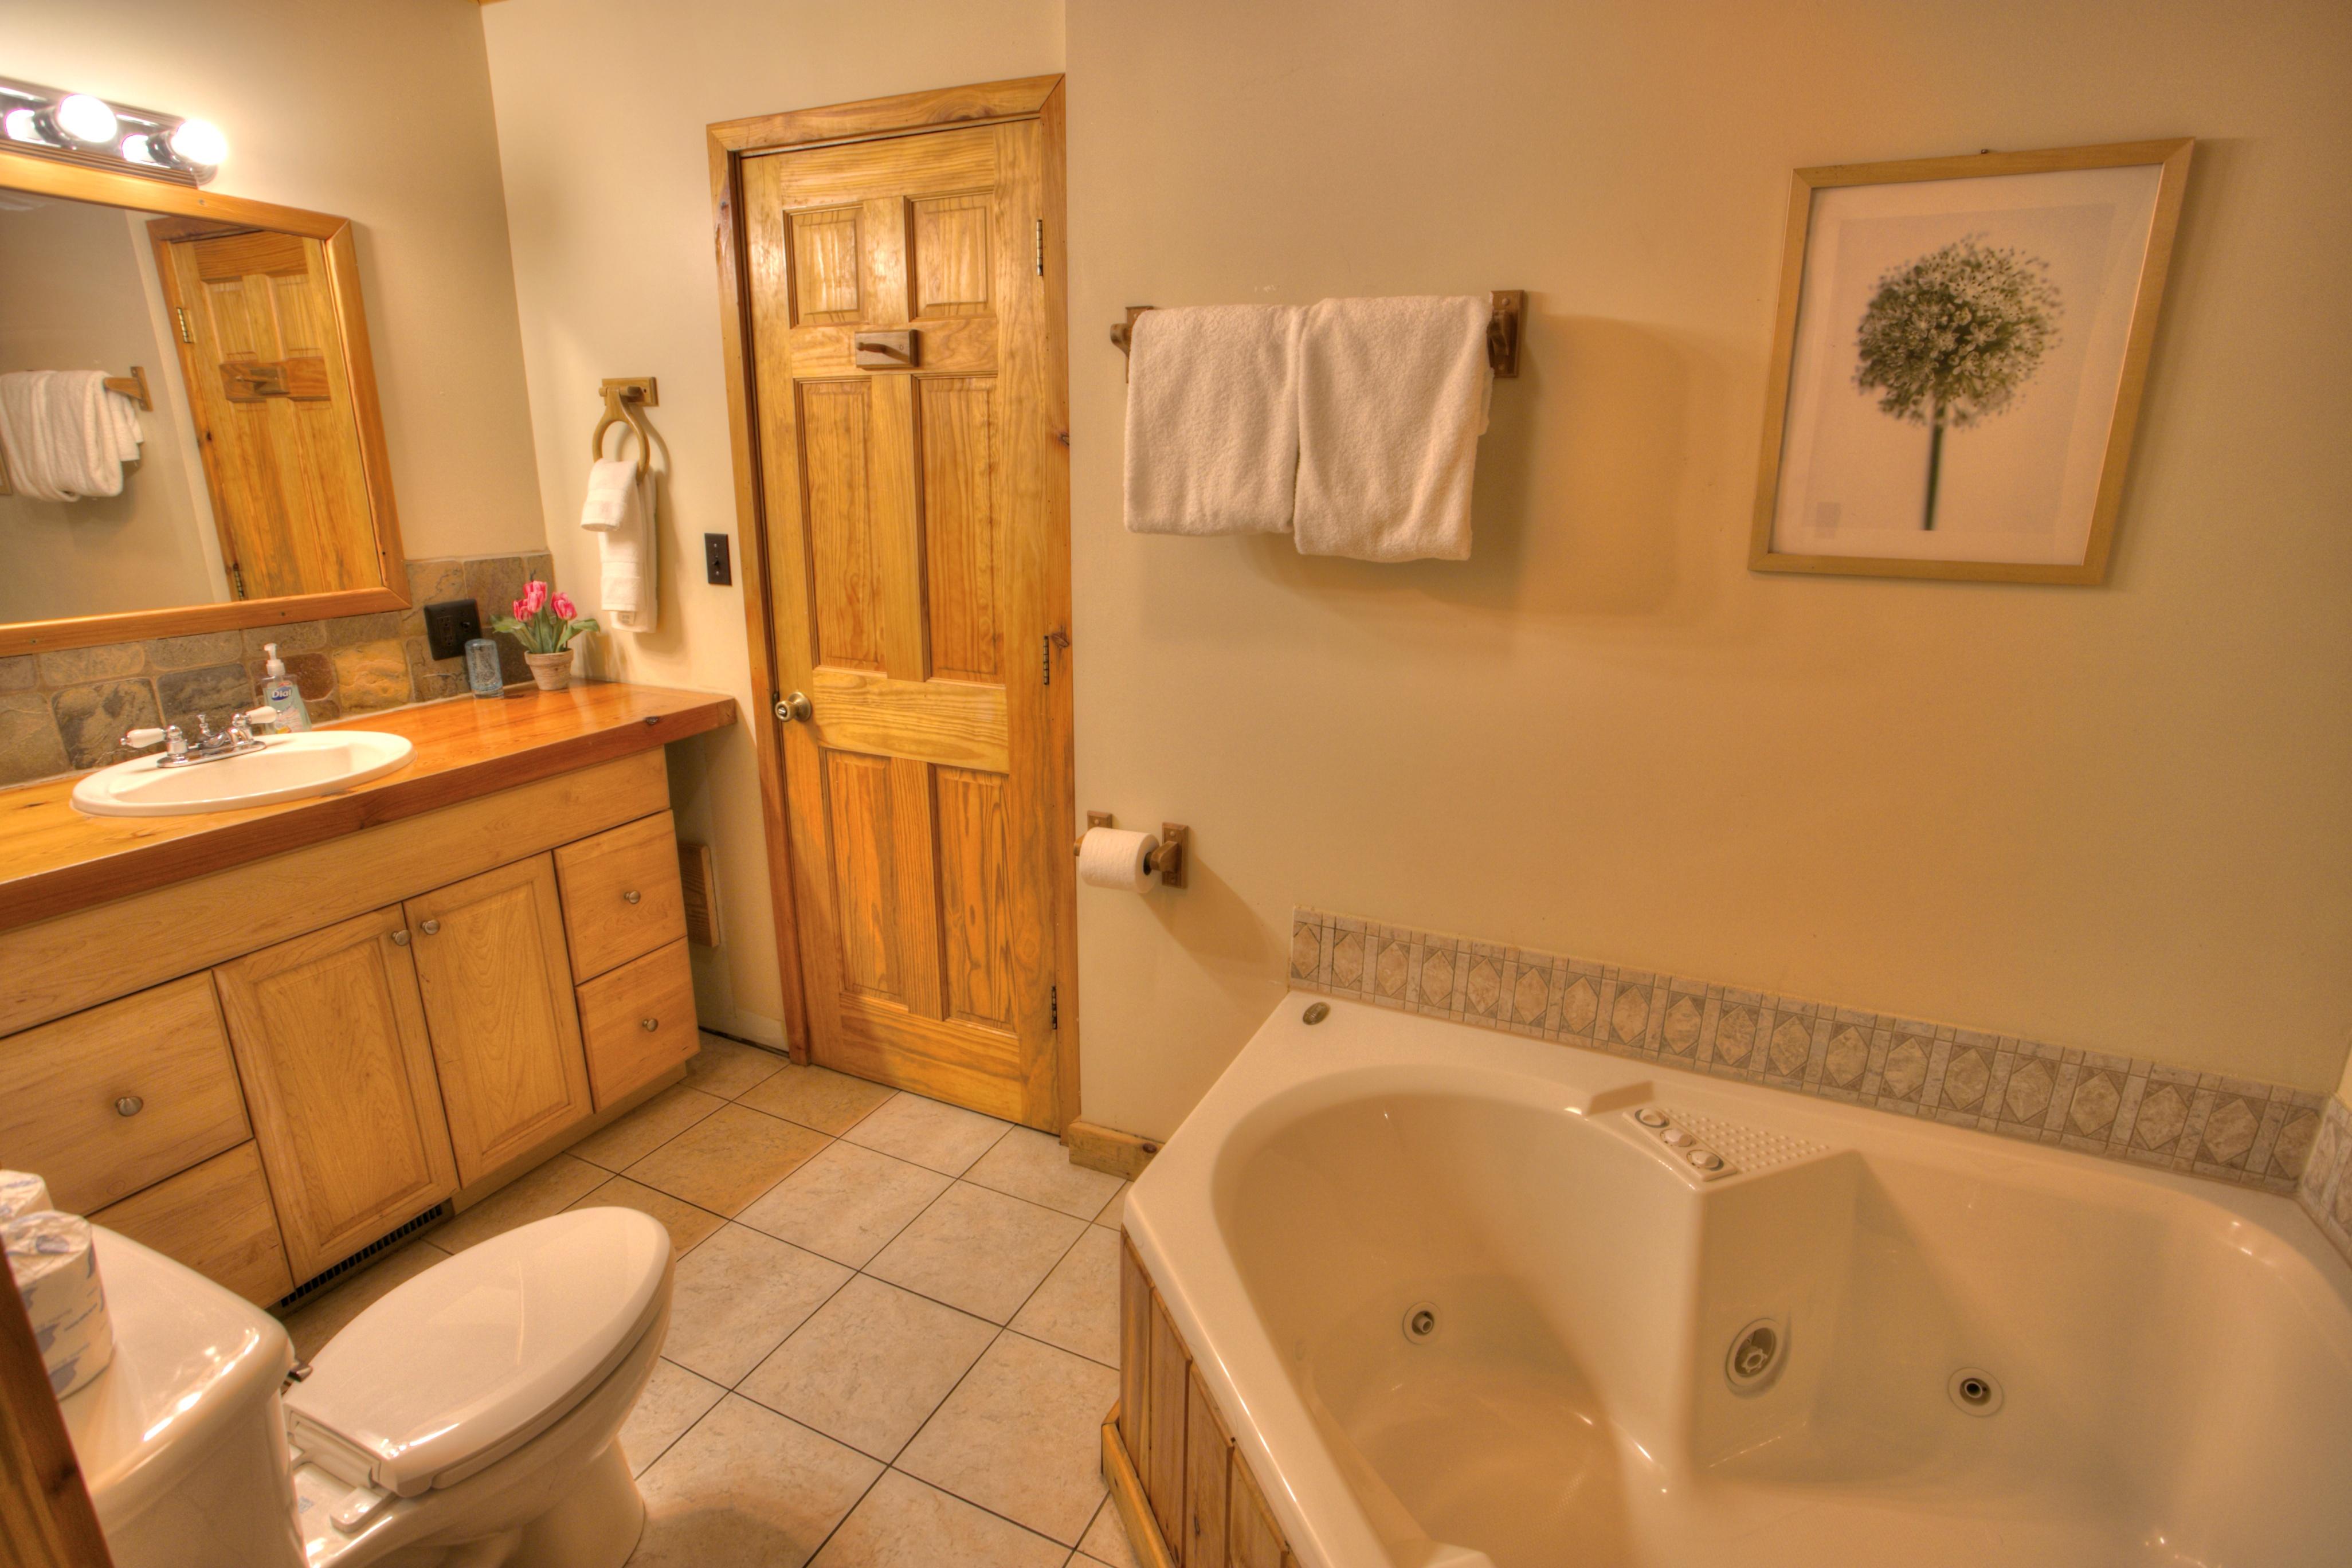 trout-lily-cabin-helen-ga-bath-tub